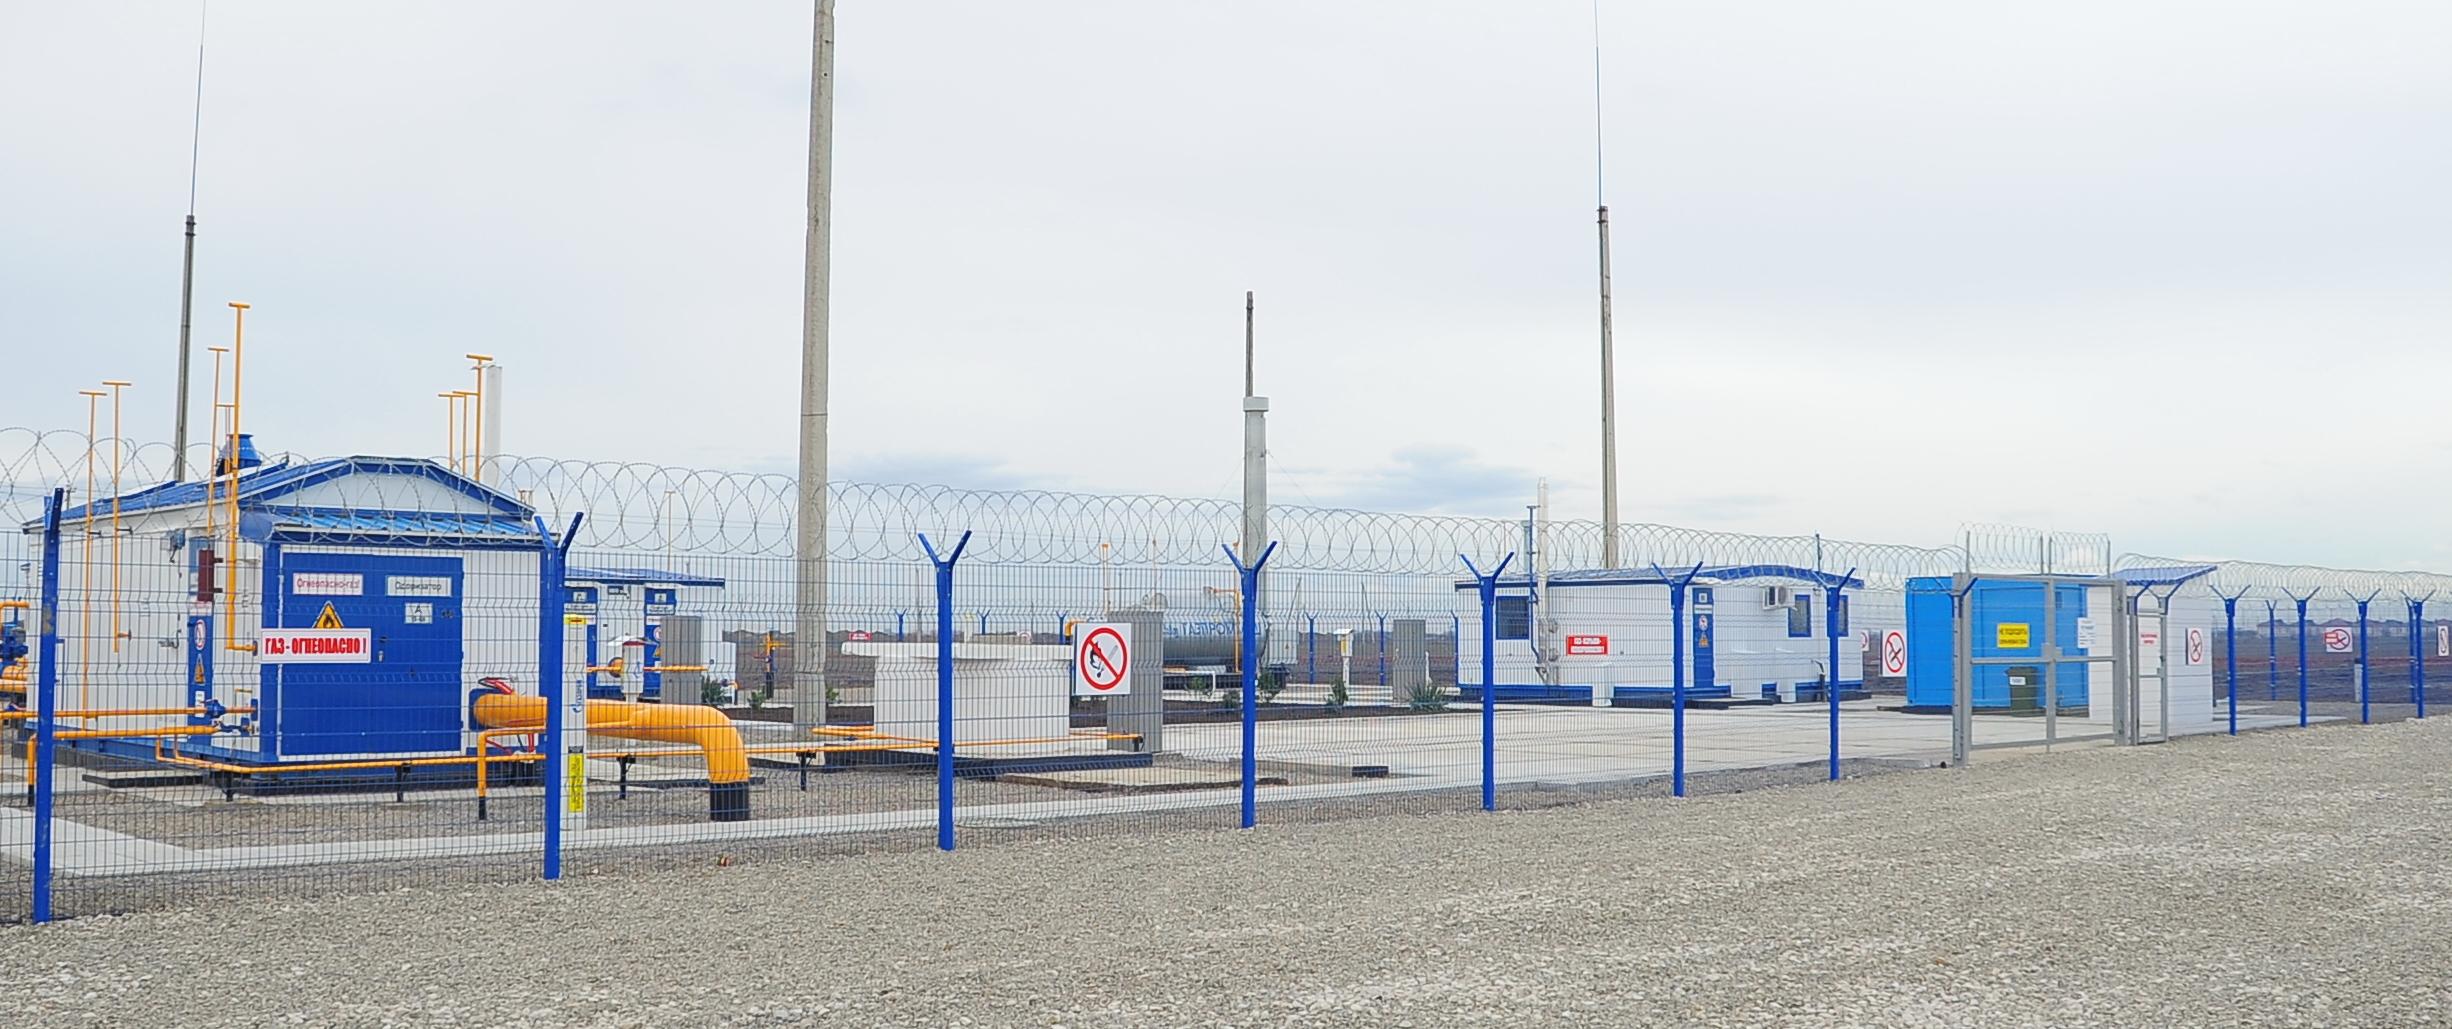 Введена в эксплуатацию автоматизированная газораспределительная станция «Чапаево»